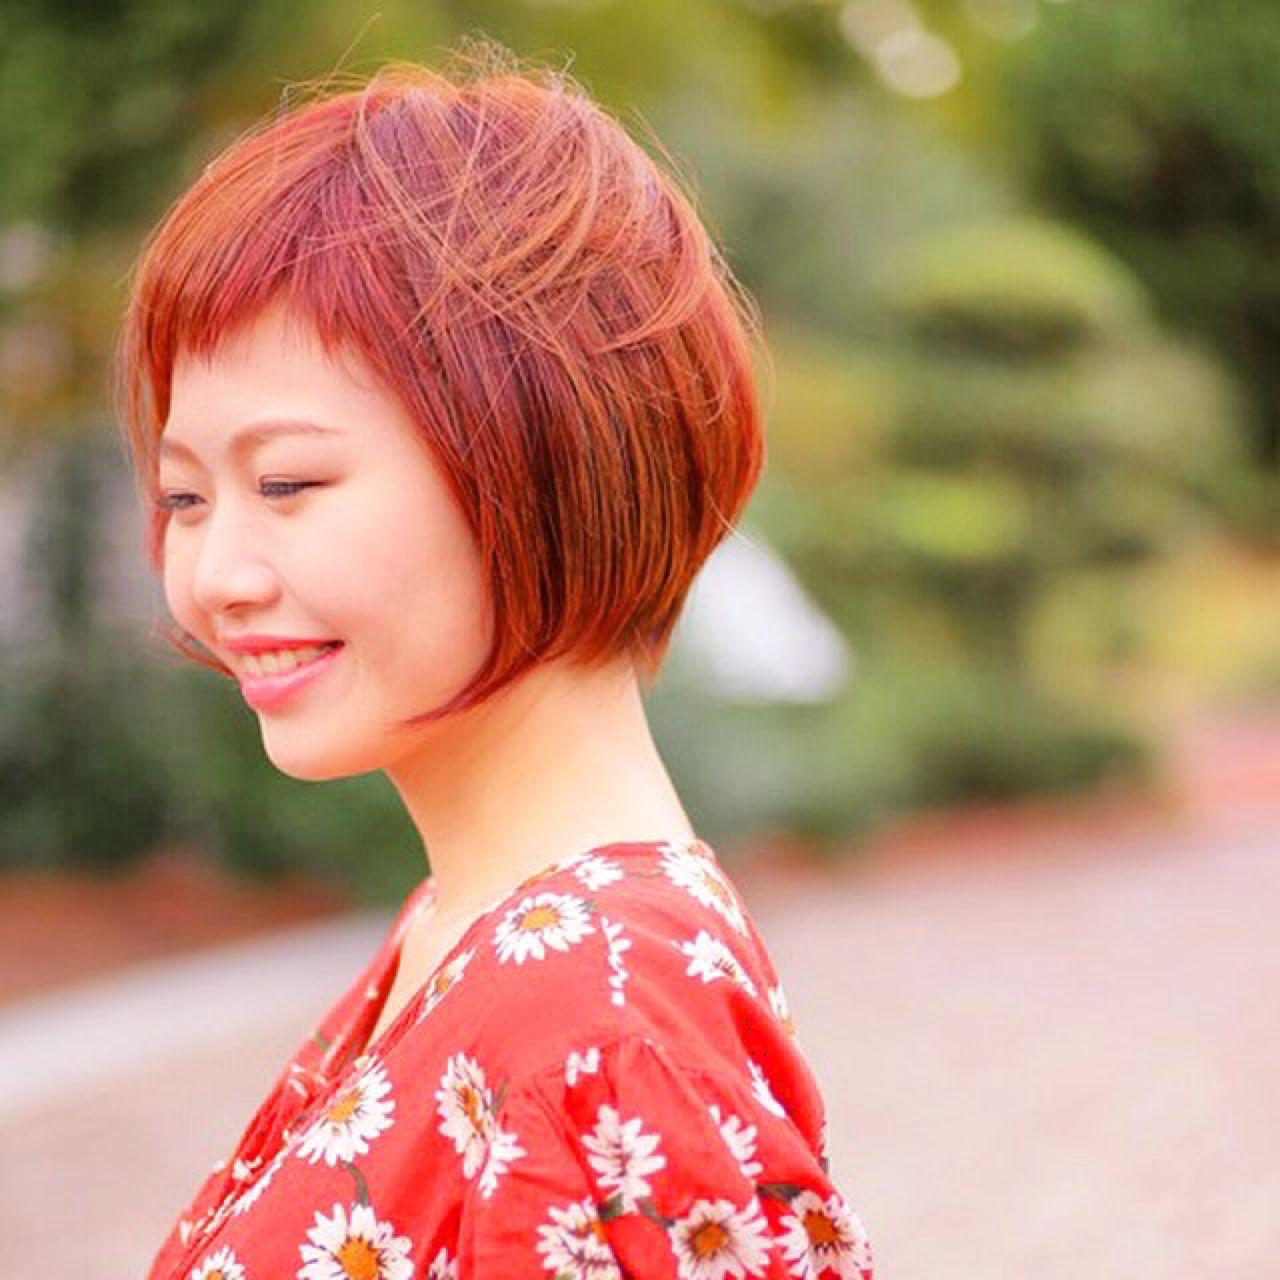 インナーカラー ショートバング ボブ ストリート ヘアスタイルや髪型の写真・画像